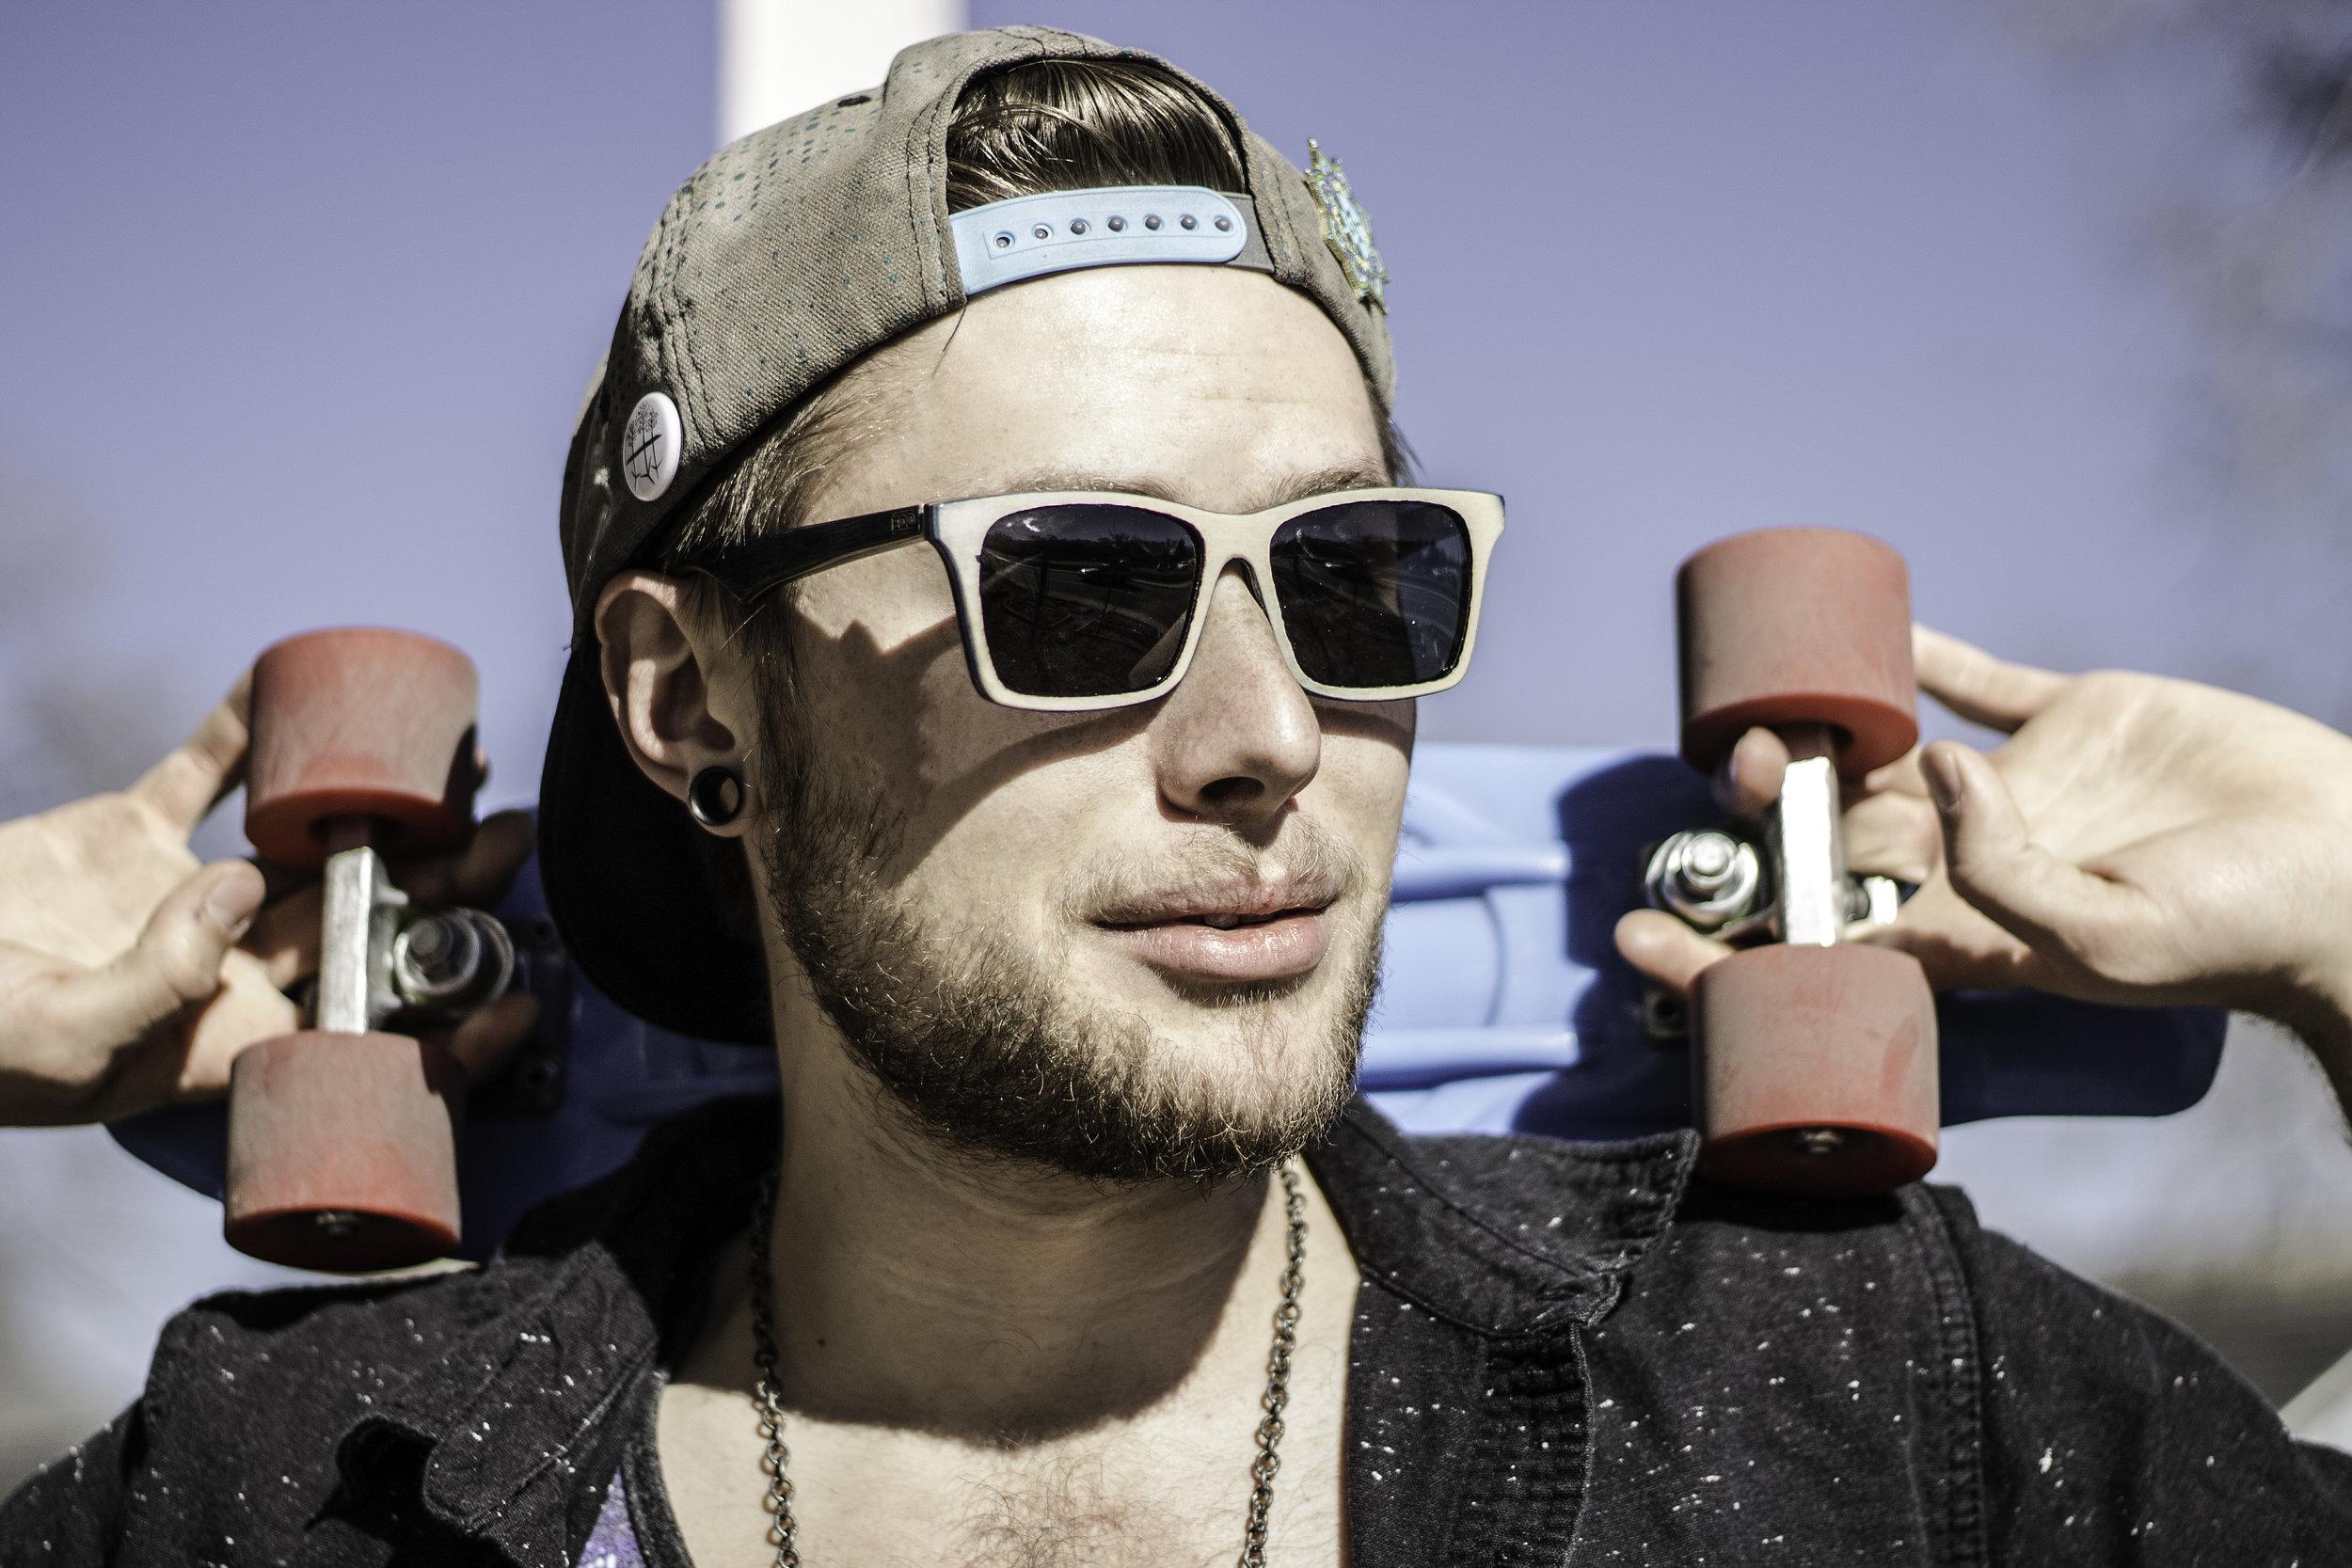 Skater Wearing SK8Glasses™